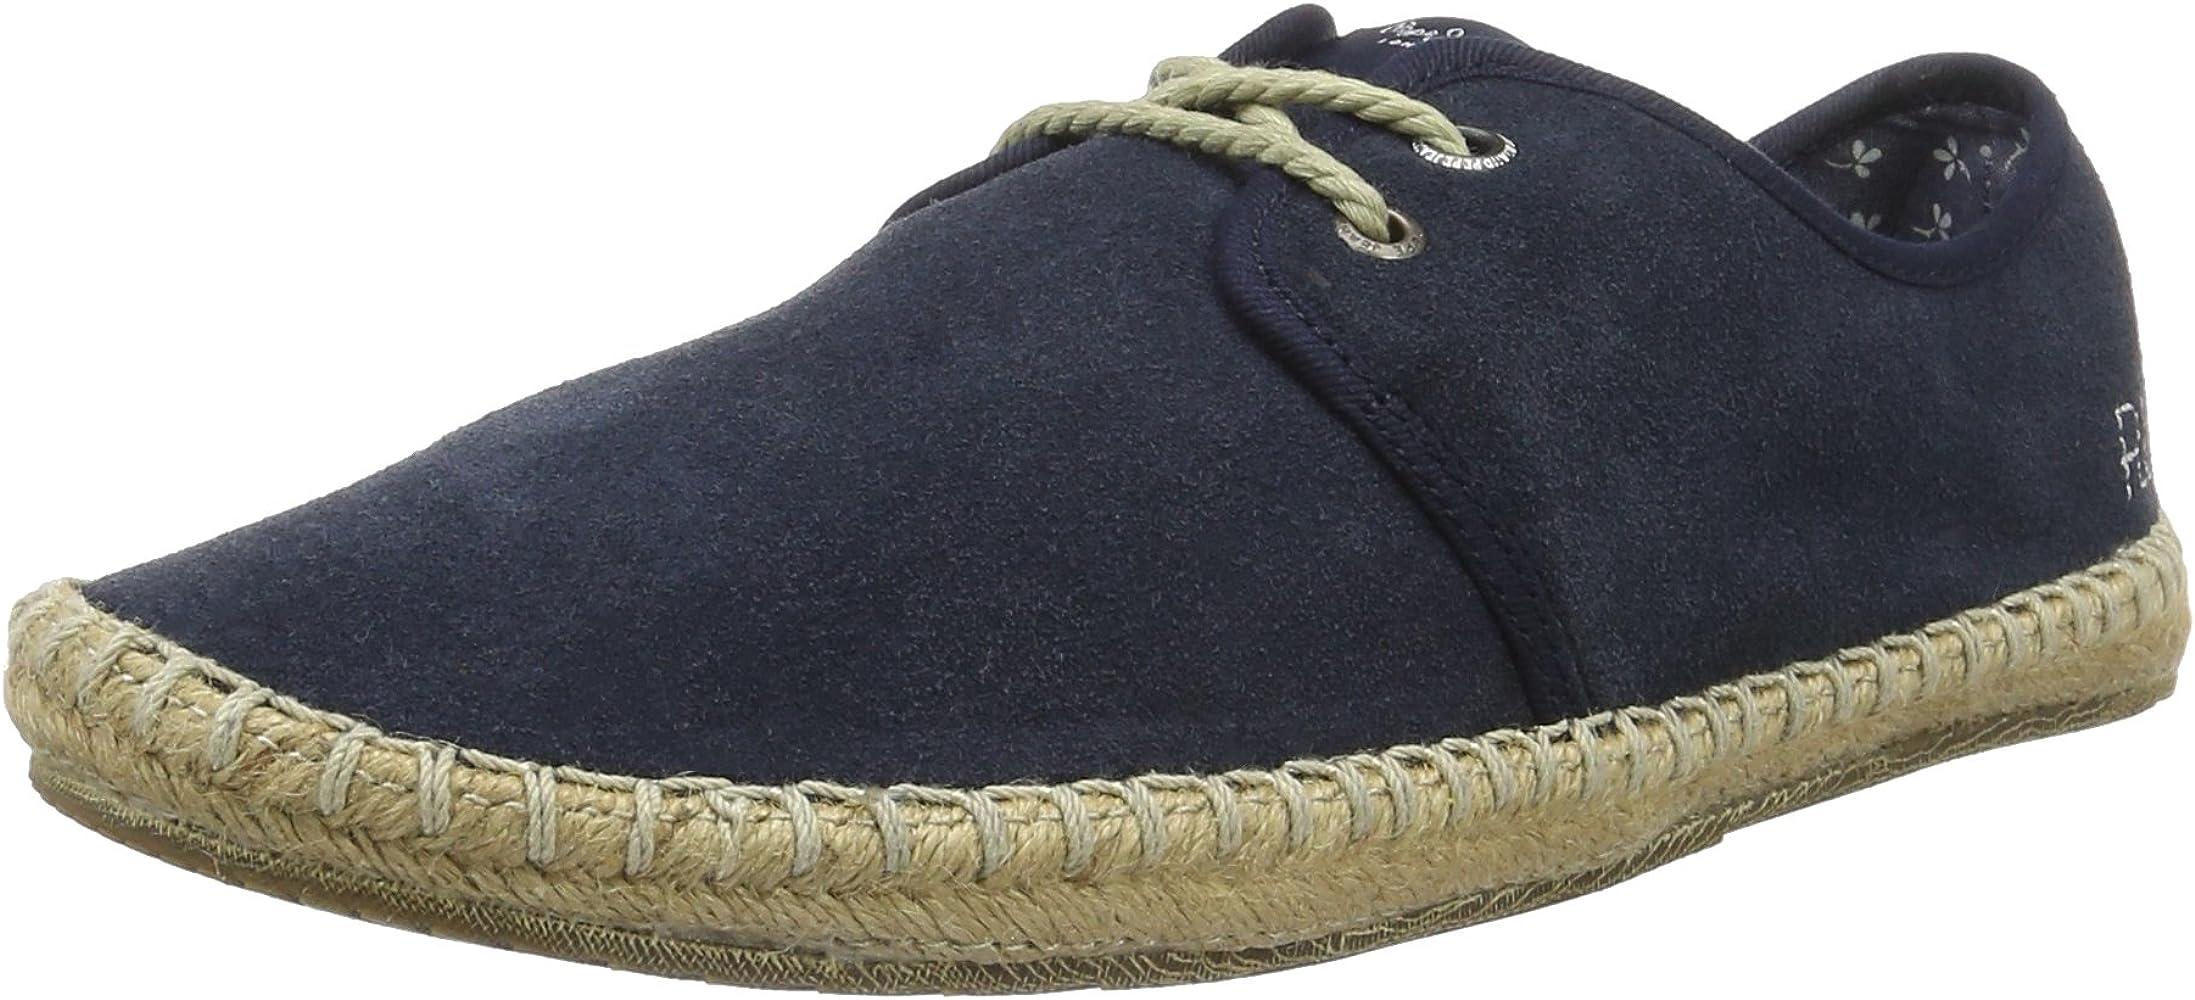 Zapatillas para verano 71elo85vrIL._AC_UY1000_